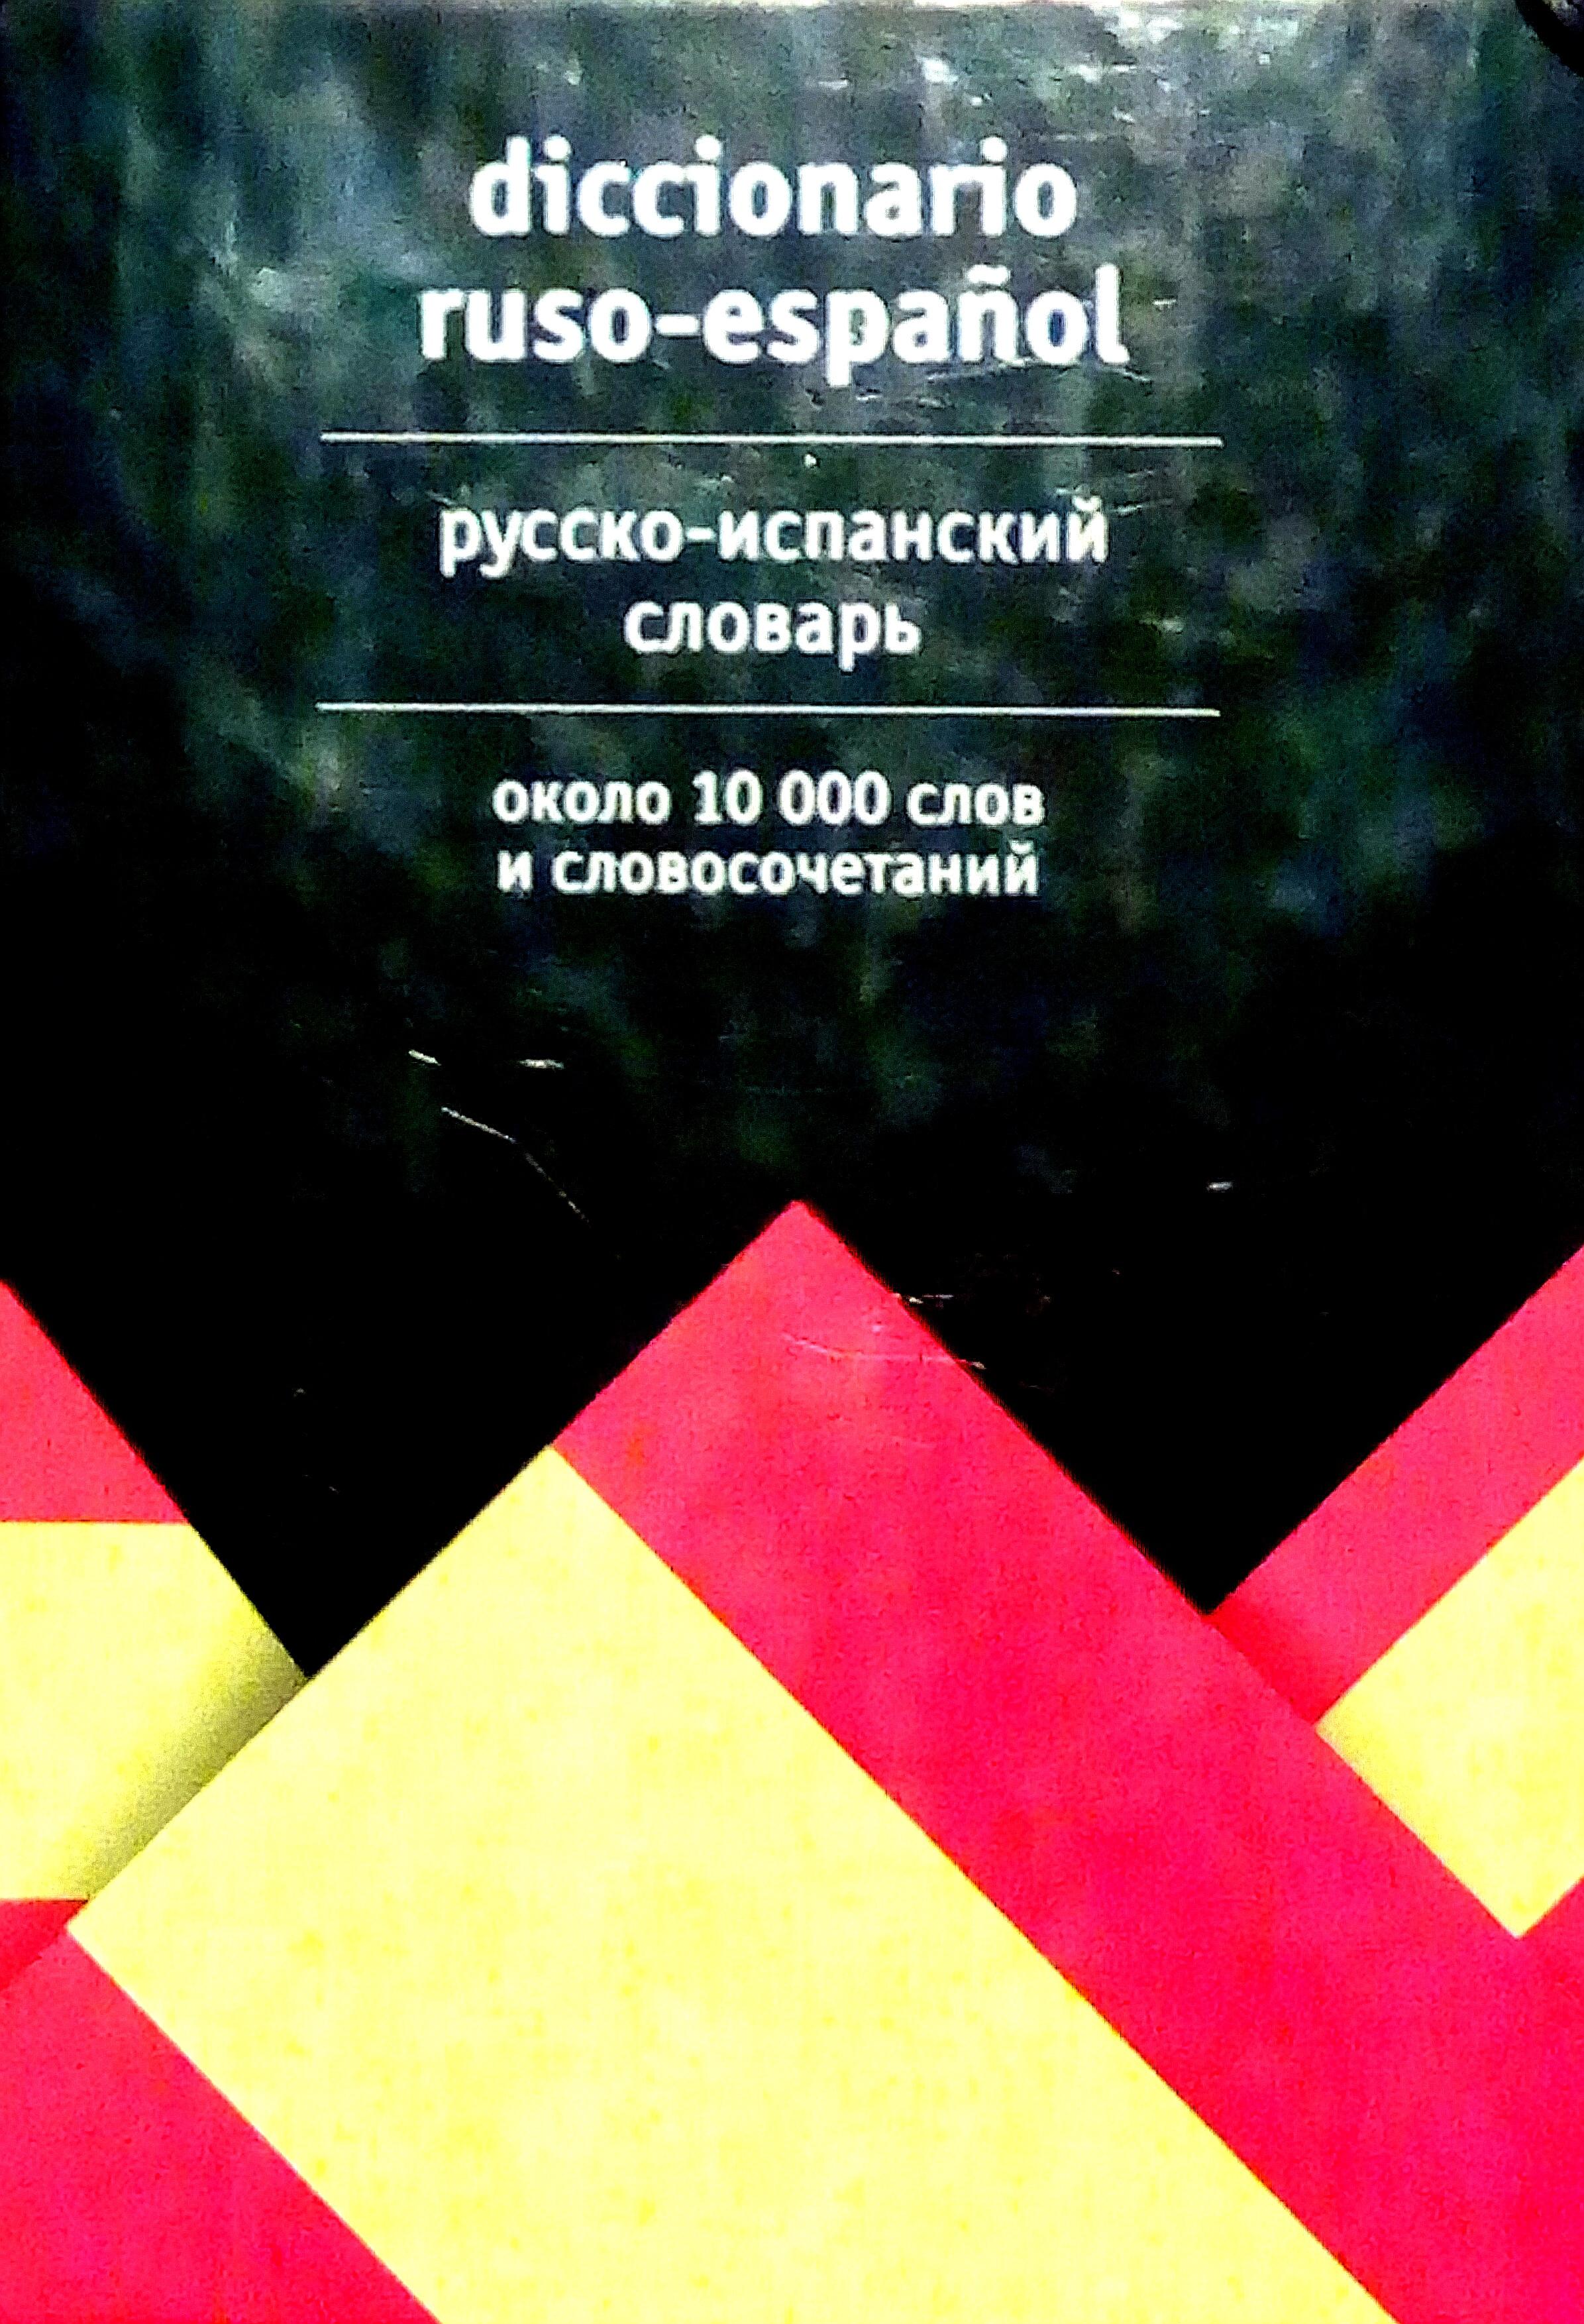 Русско-испанский словарь.